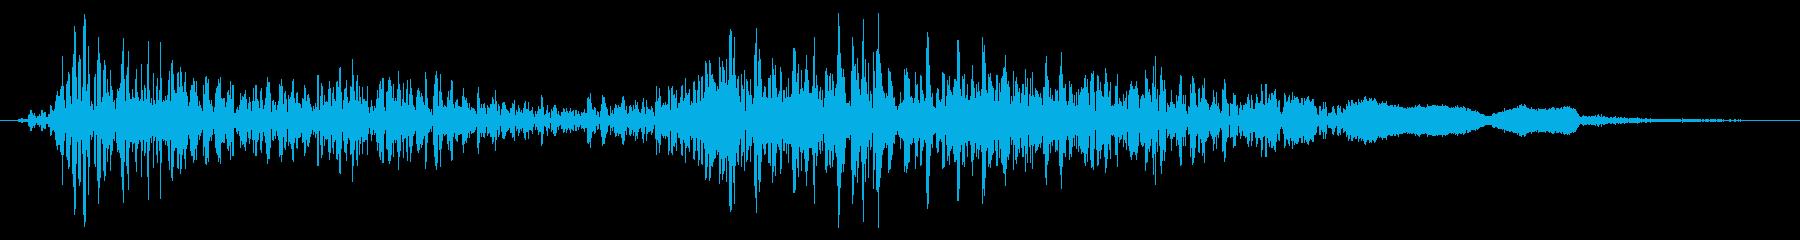 ドラゴン モンスター ダメージ 中の再生済みの波形